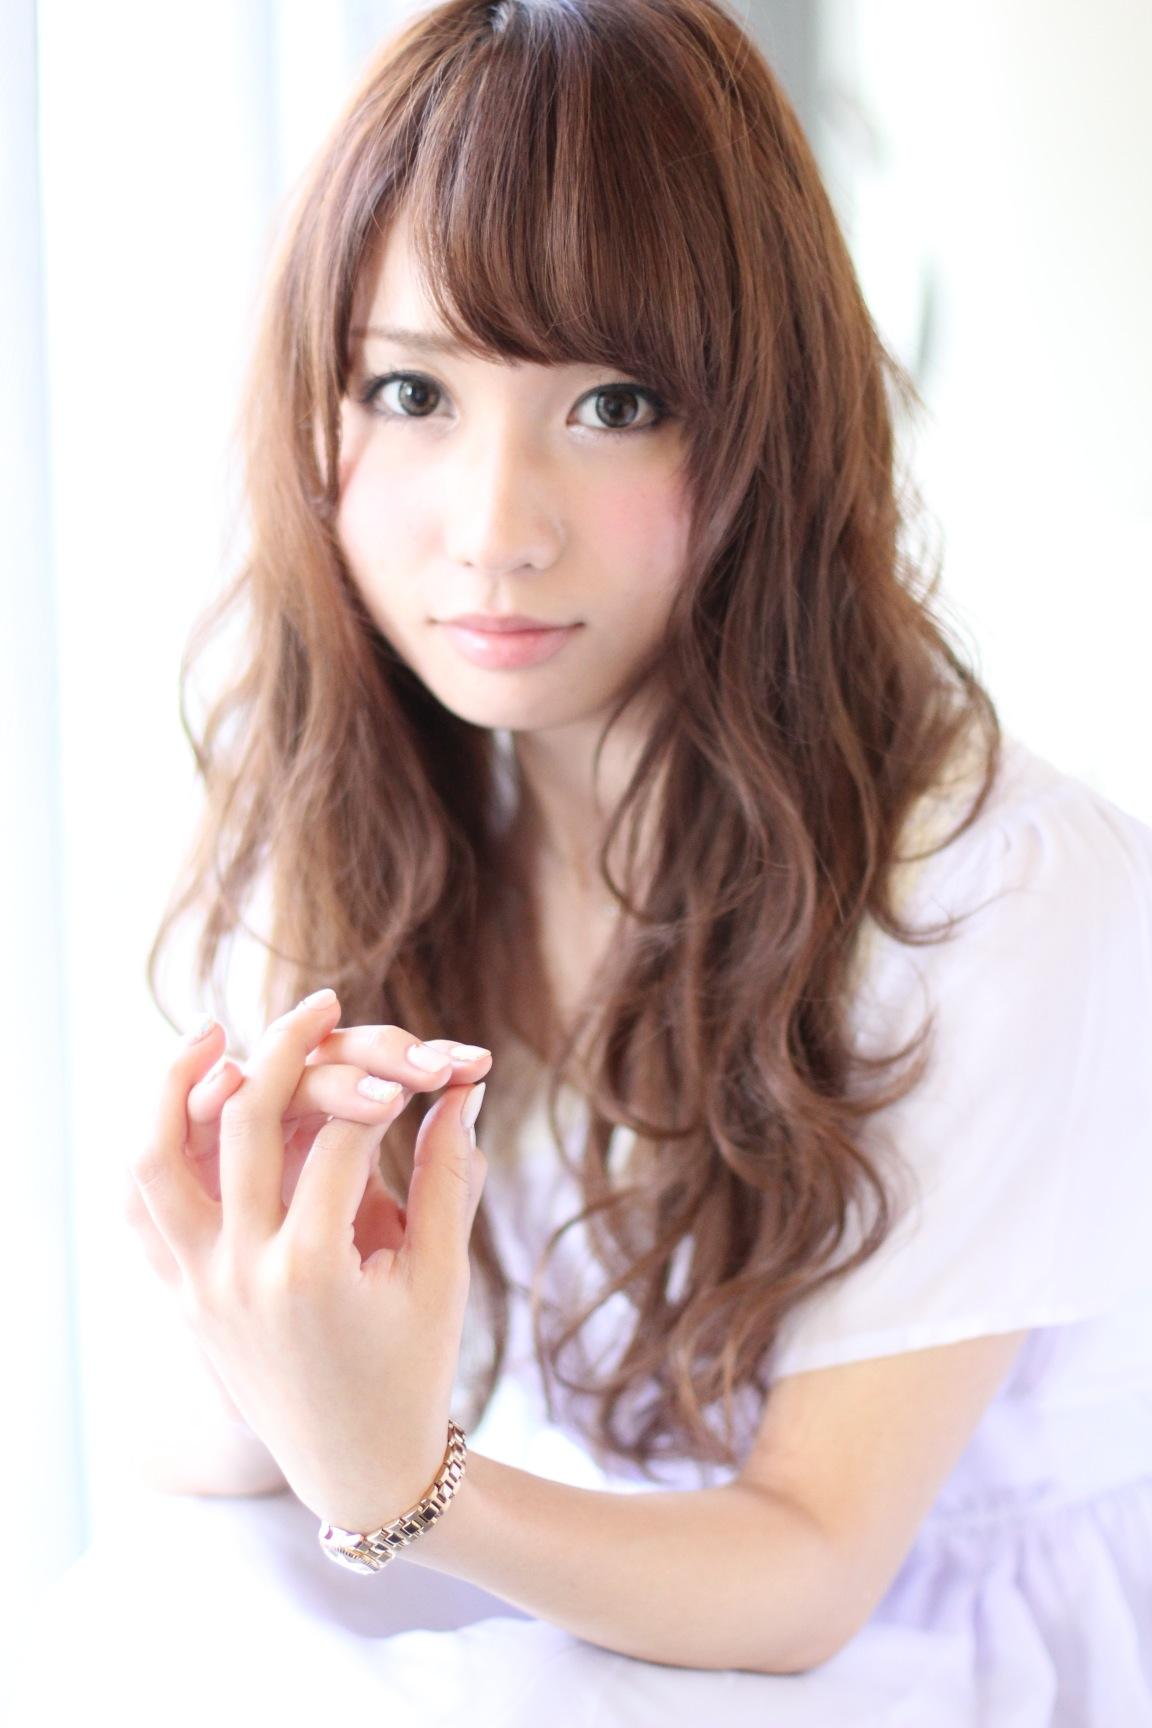 画像出典:http//stat.profile.ameba.jp/profile_images/20130424/23/b4/ec/j/o115217281366814636285